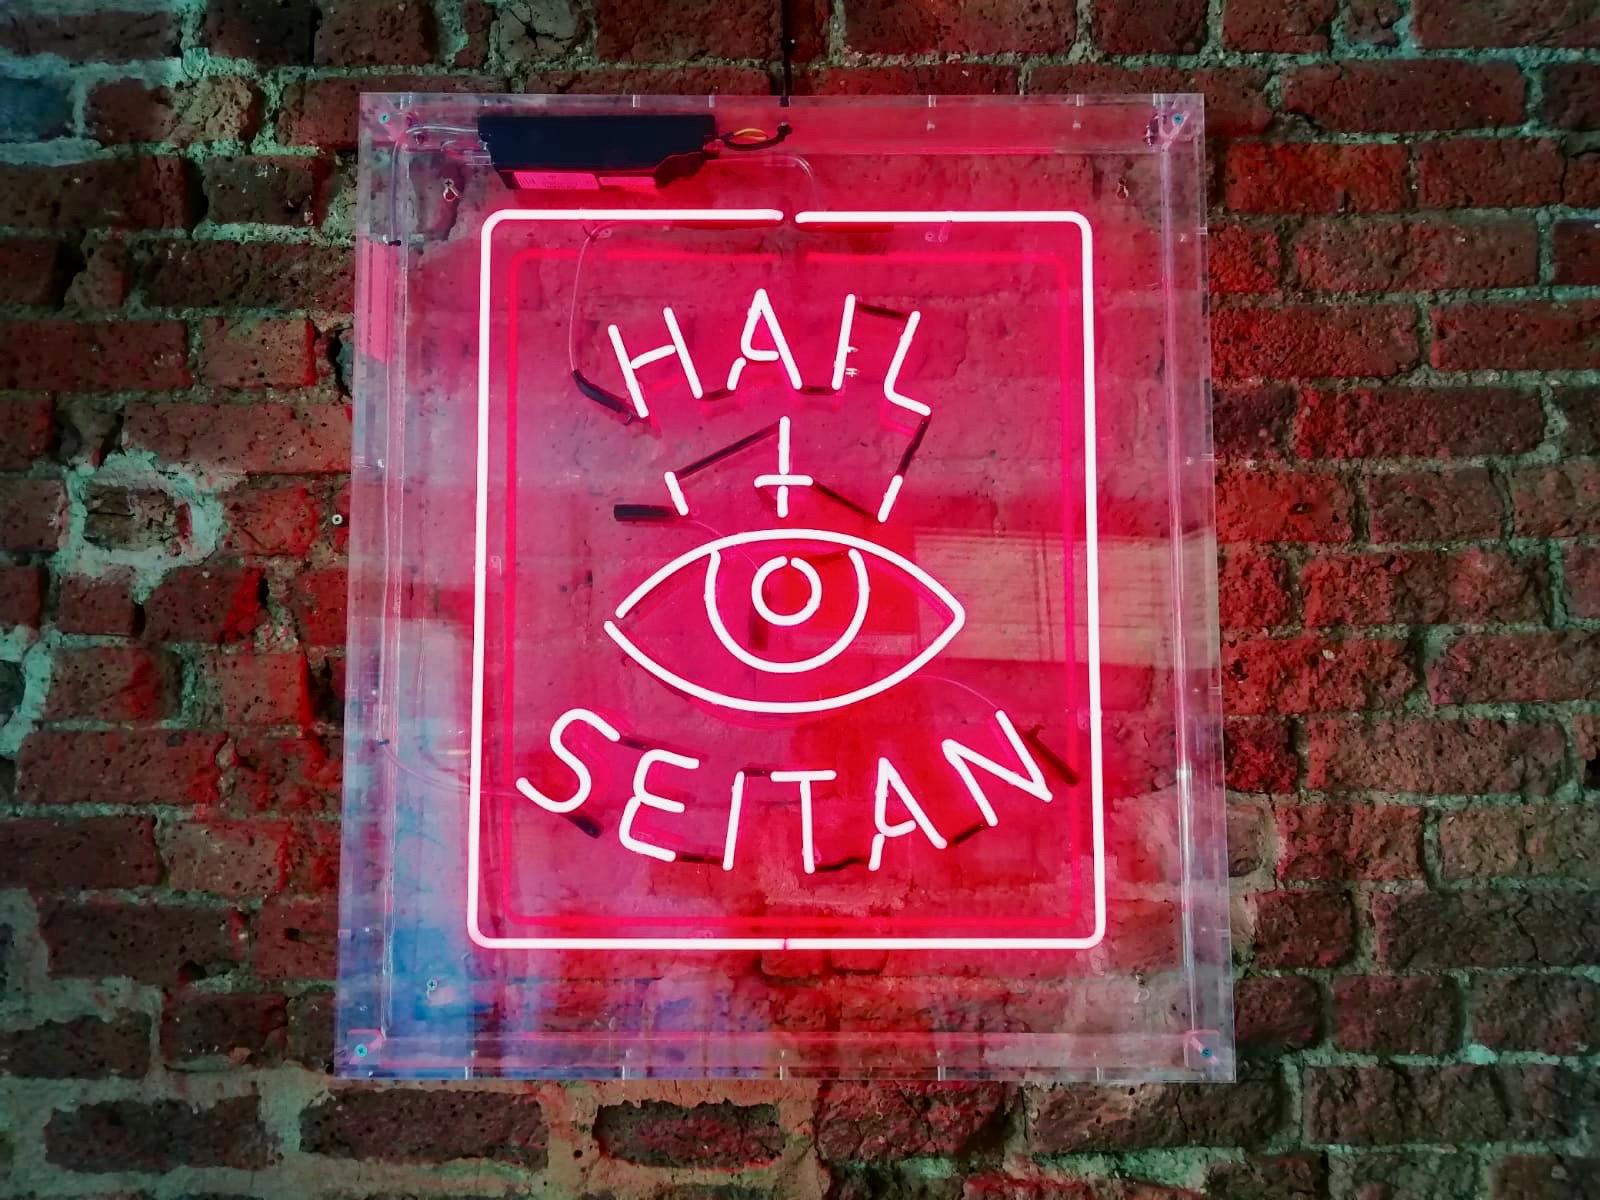 Hail Seitan sign at Temple of Seitan, Camden